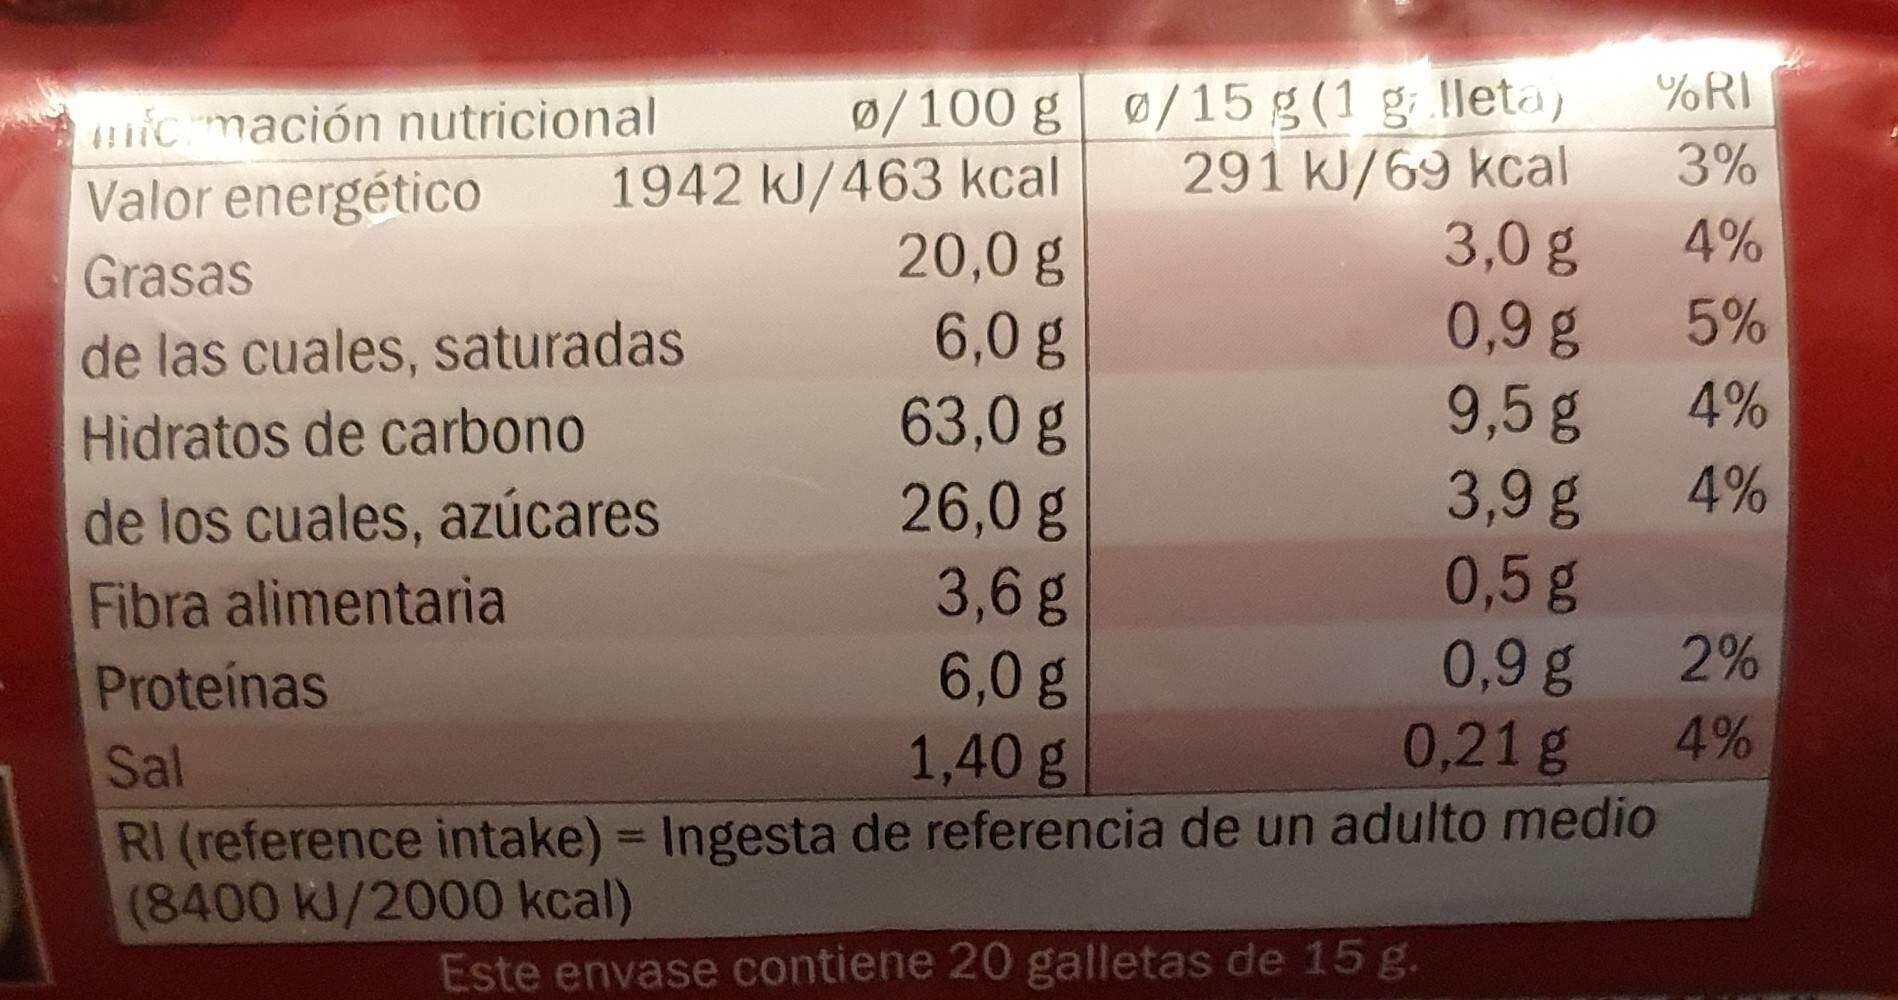 Galletas digestive con chocolate con leche - Nutrition facts - es